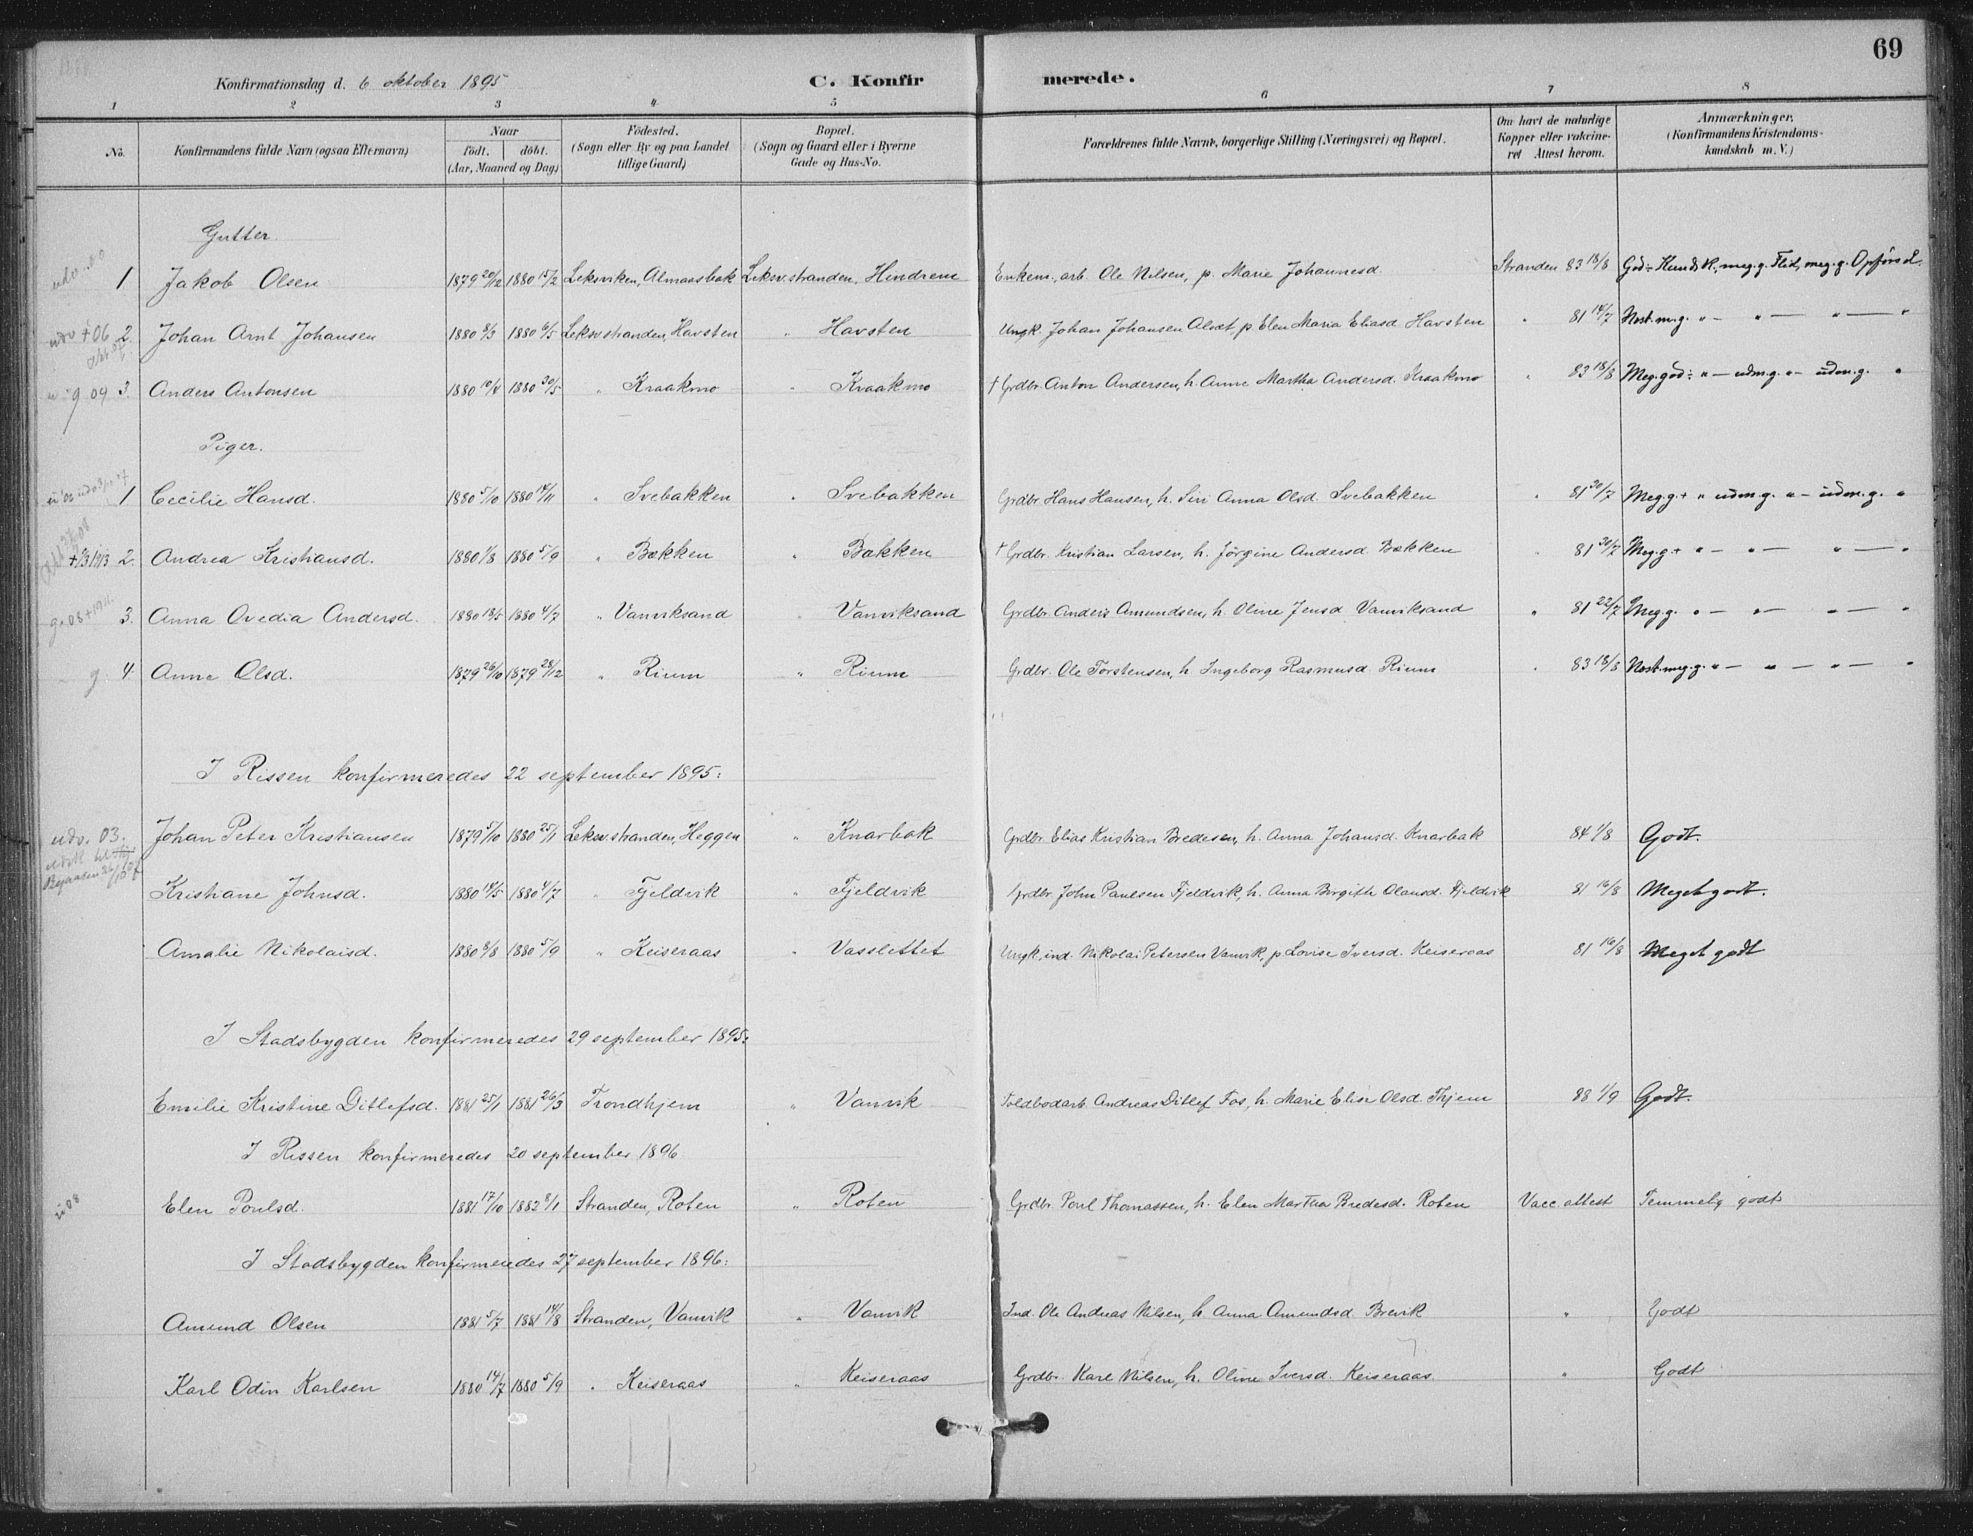 SAT, Ministerialprotokoller, klokkerbøker og fødselsregistre - Nord-Trøndelag, 702/L0023: Ministerialbok nr. 702A01, 1883-1897, s. 69